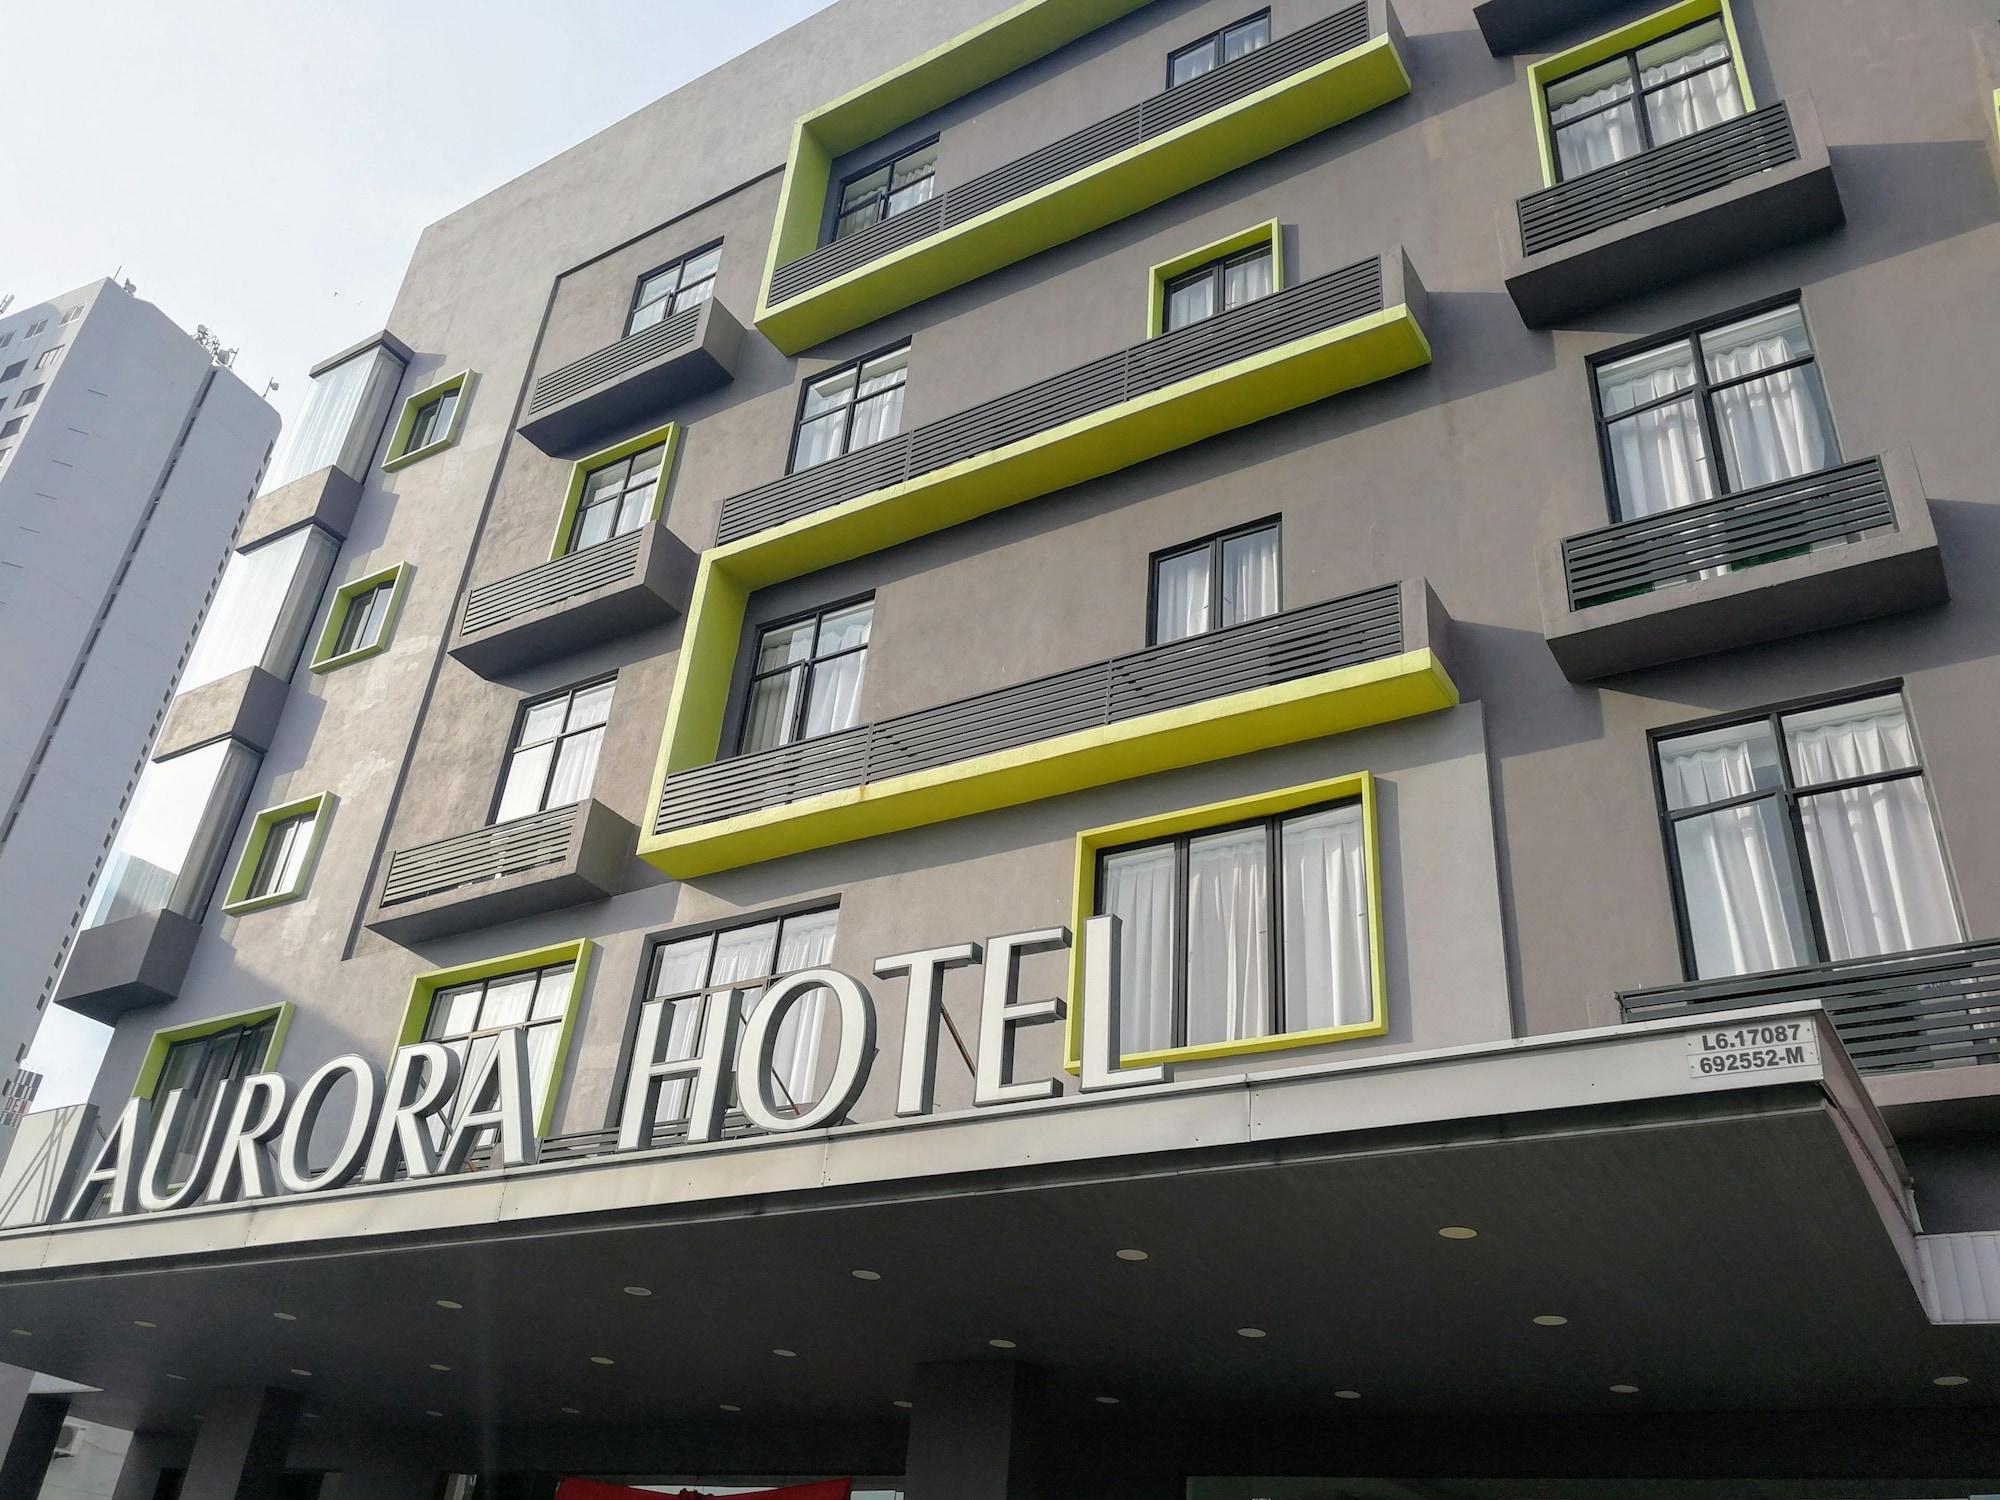 Aurora Hotel, Kota Melaka